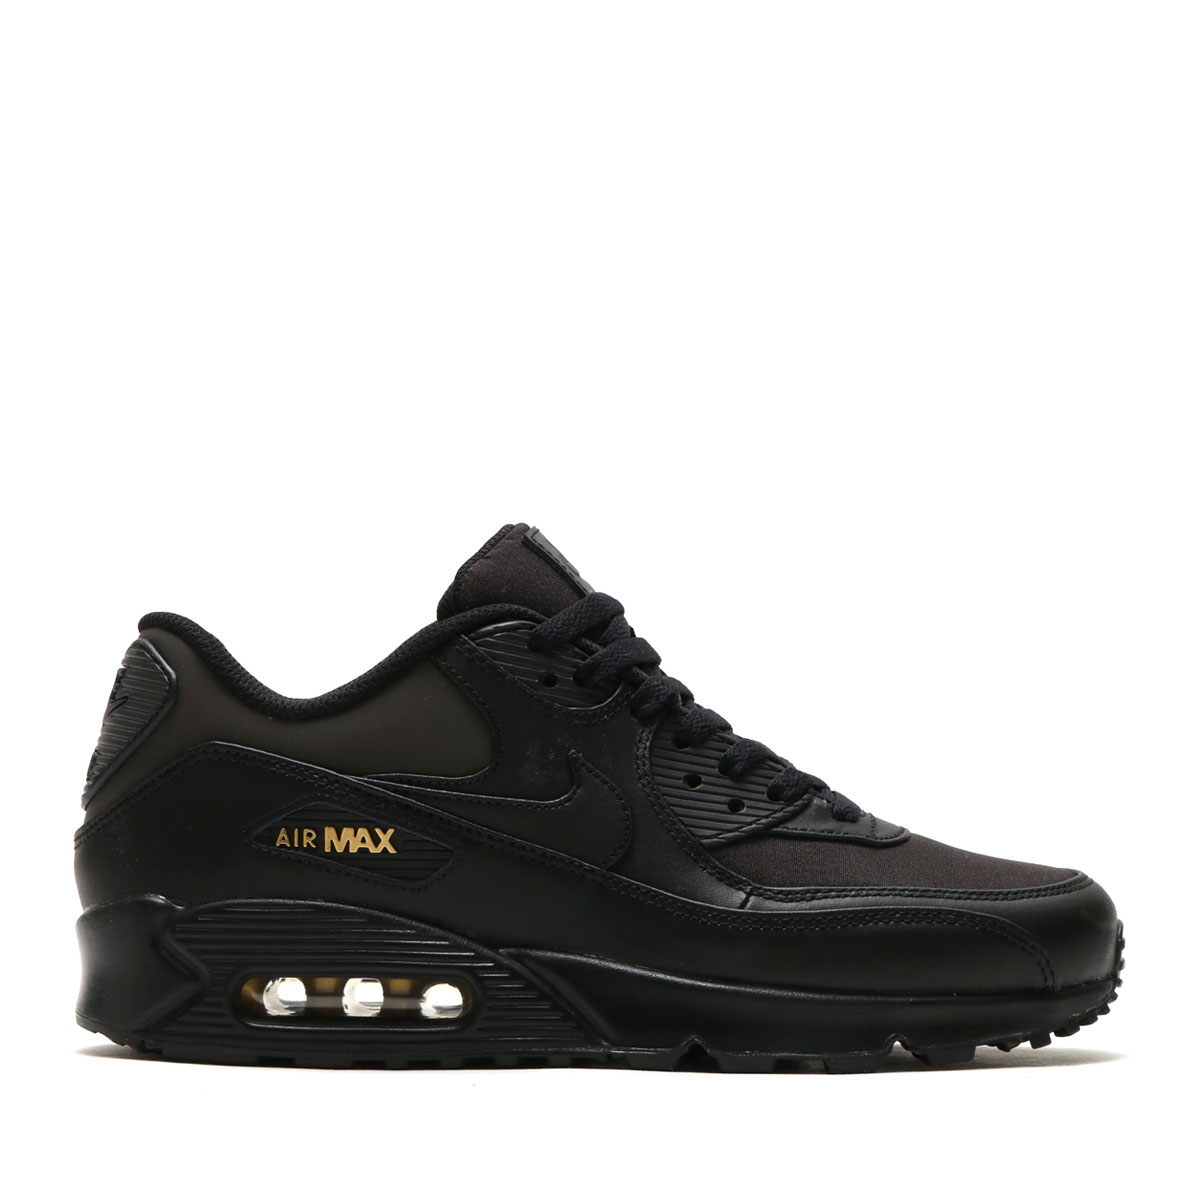 6cacc3b8fec76b shopping nike air max 90 premium kie ney amax 90 premium black black  metallic gold 17ho